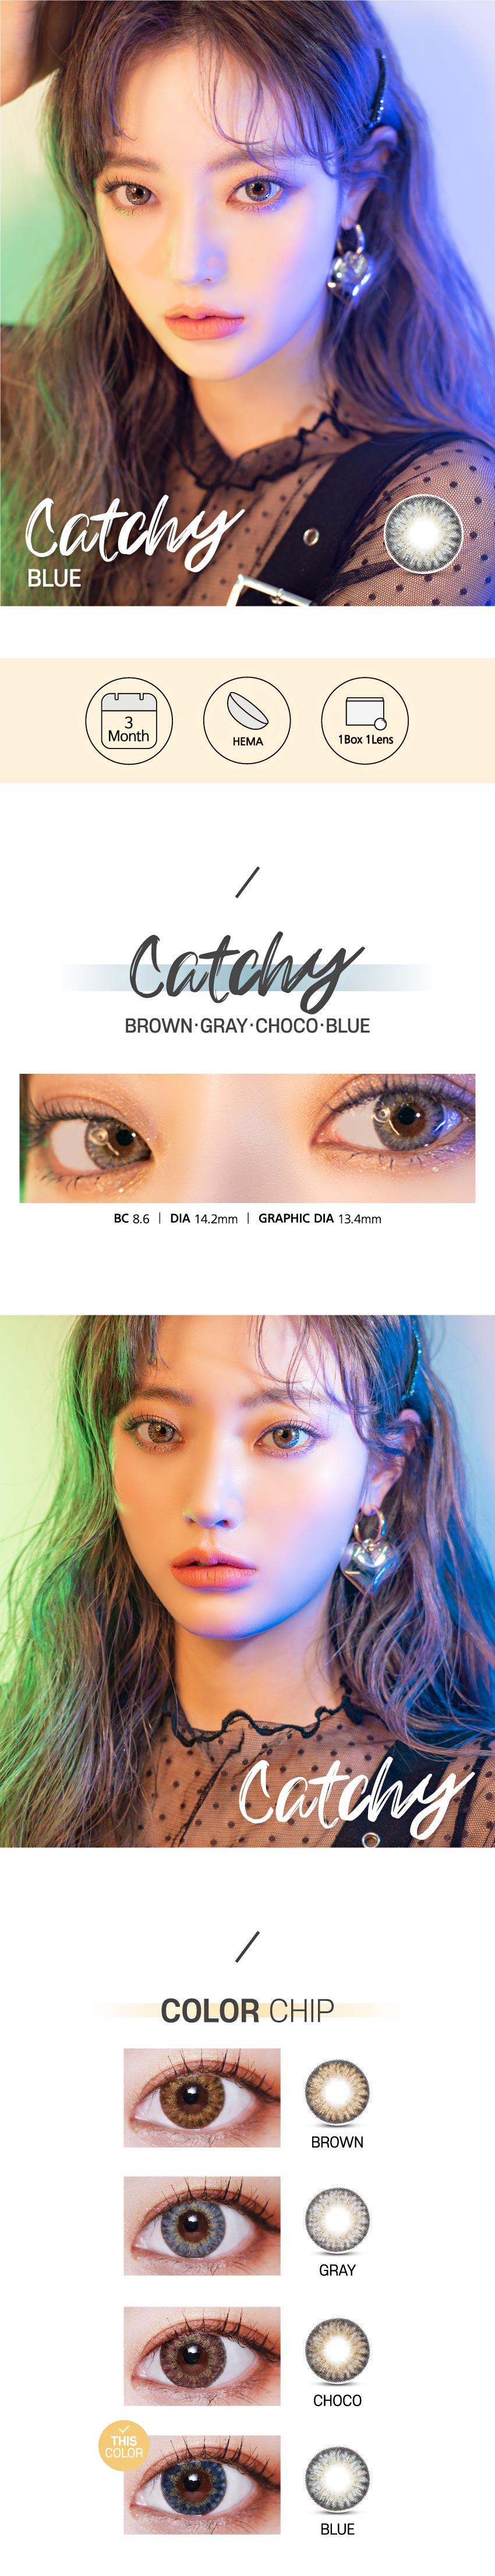 catchy-blue-korean-lenses-111.jpg